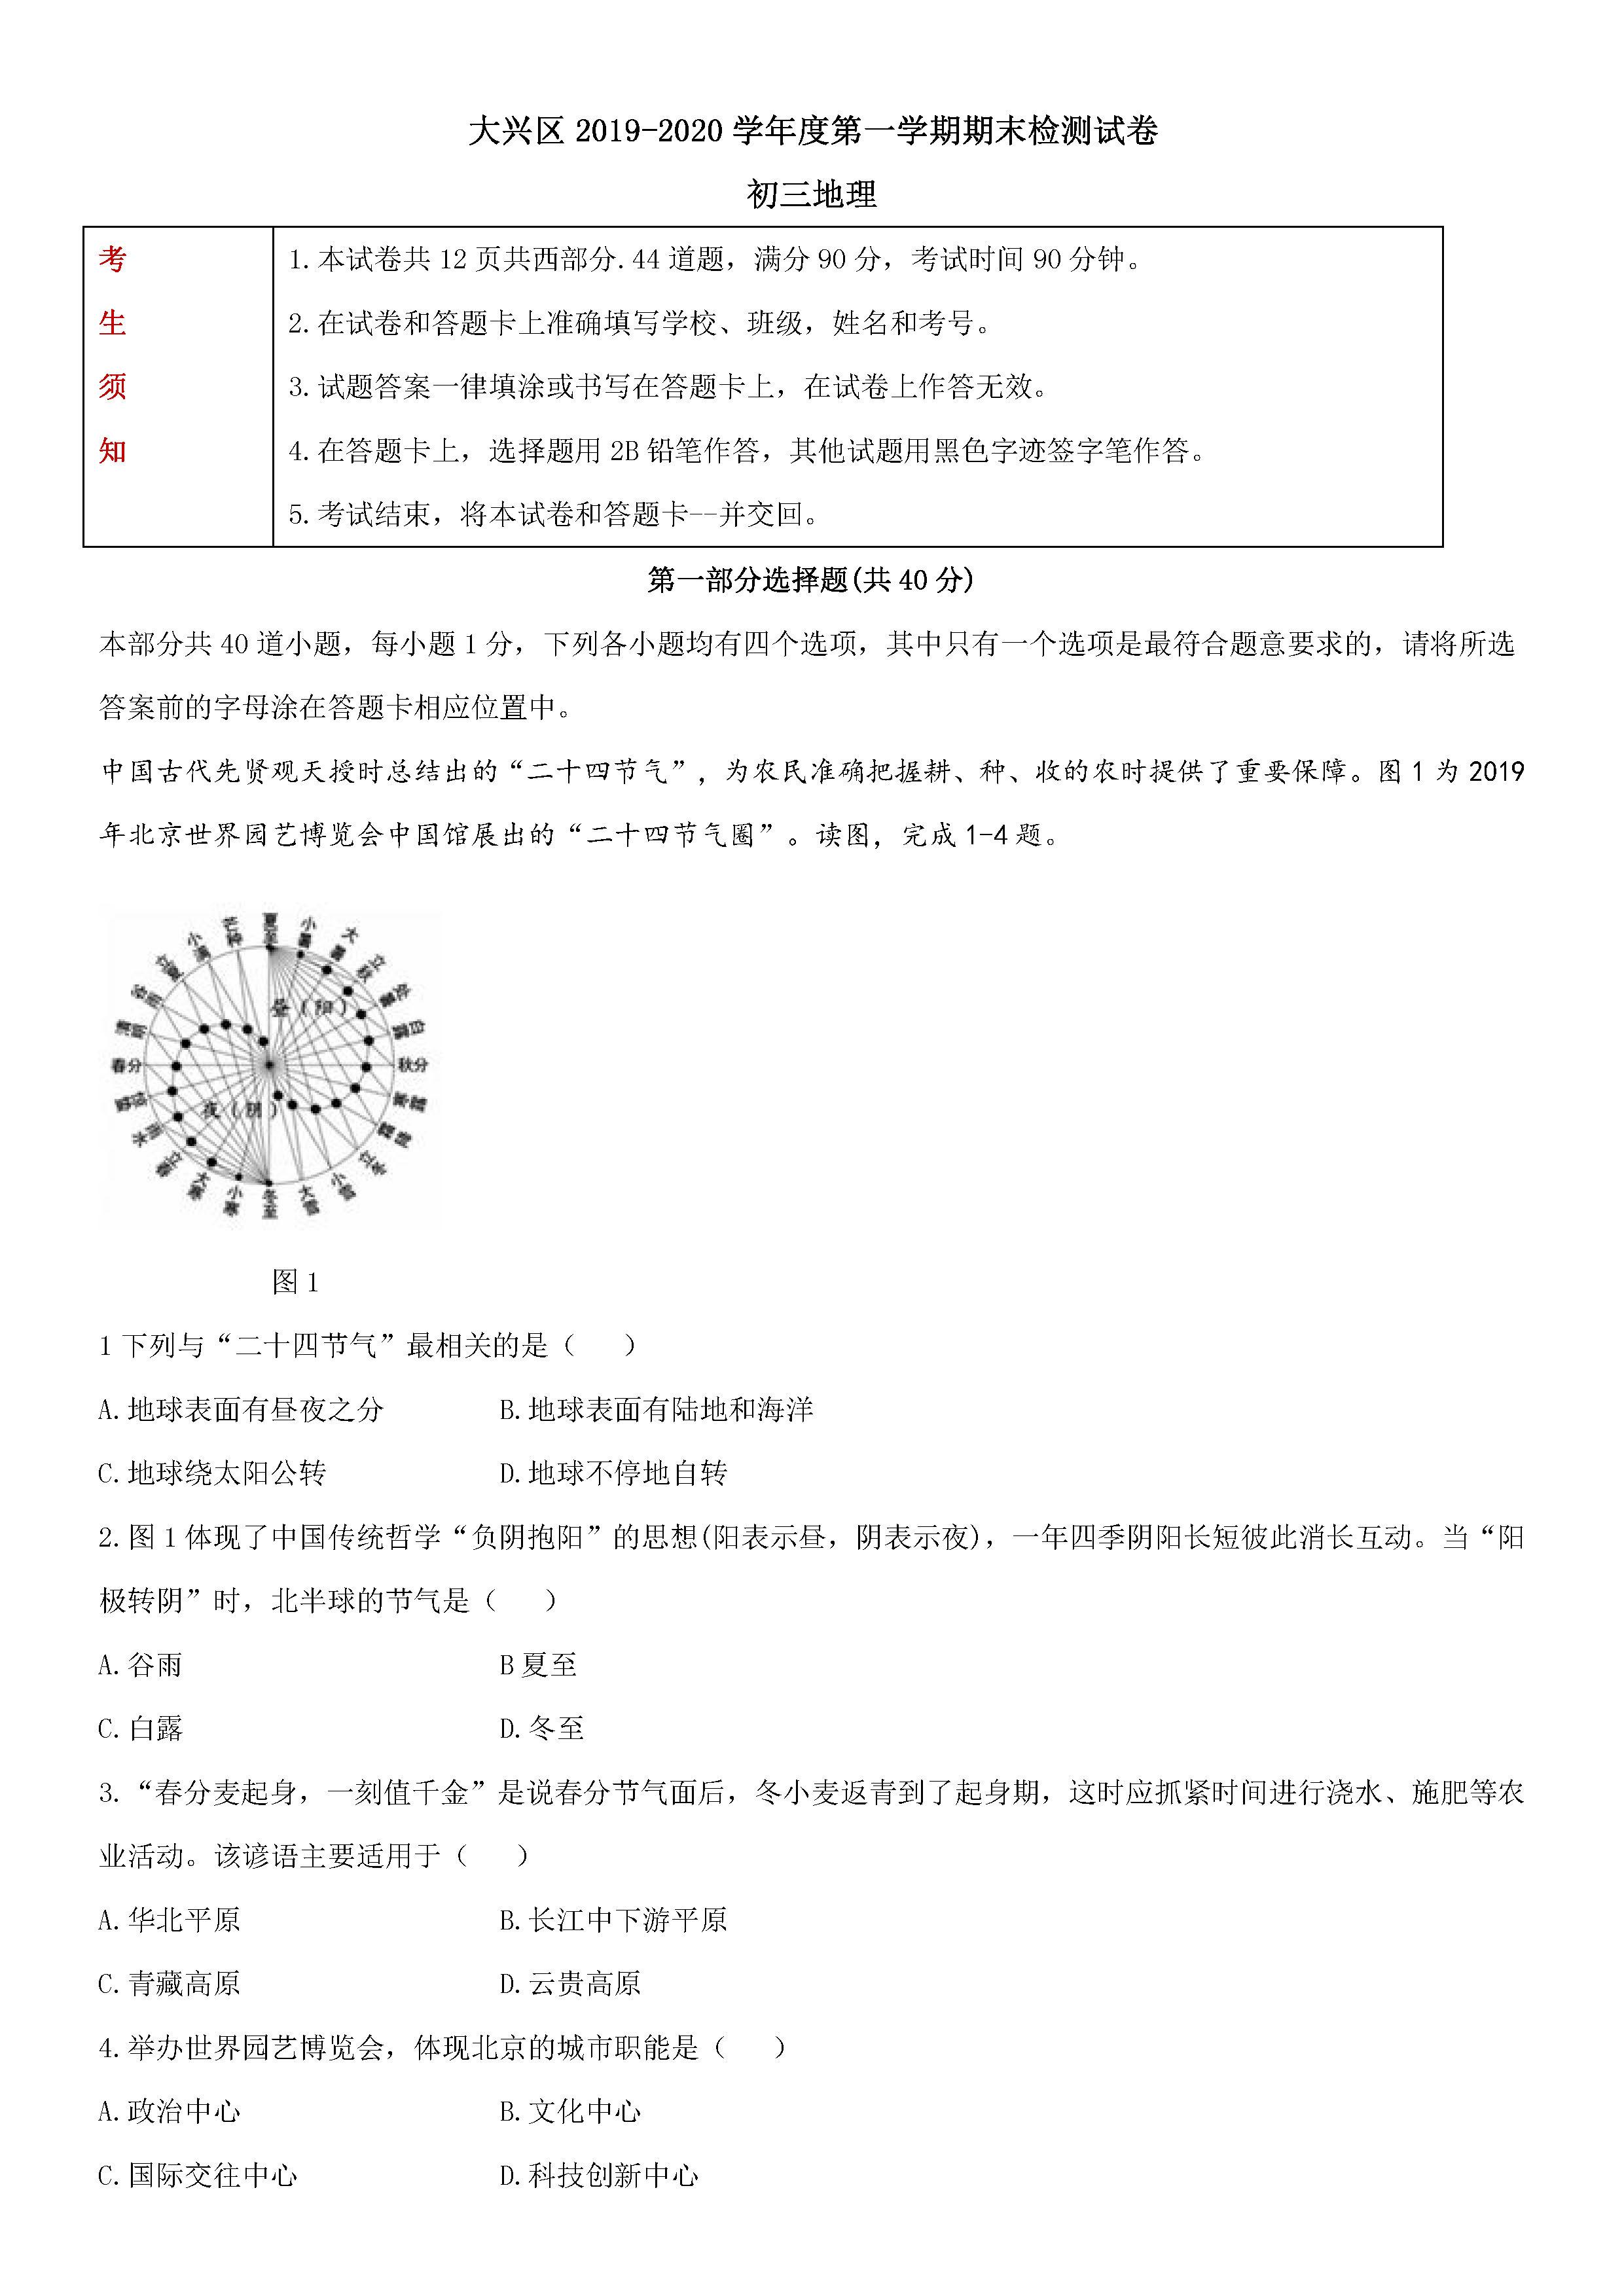 2020北京大兴初三上期末地理试题及答案(图片版)